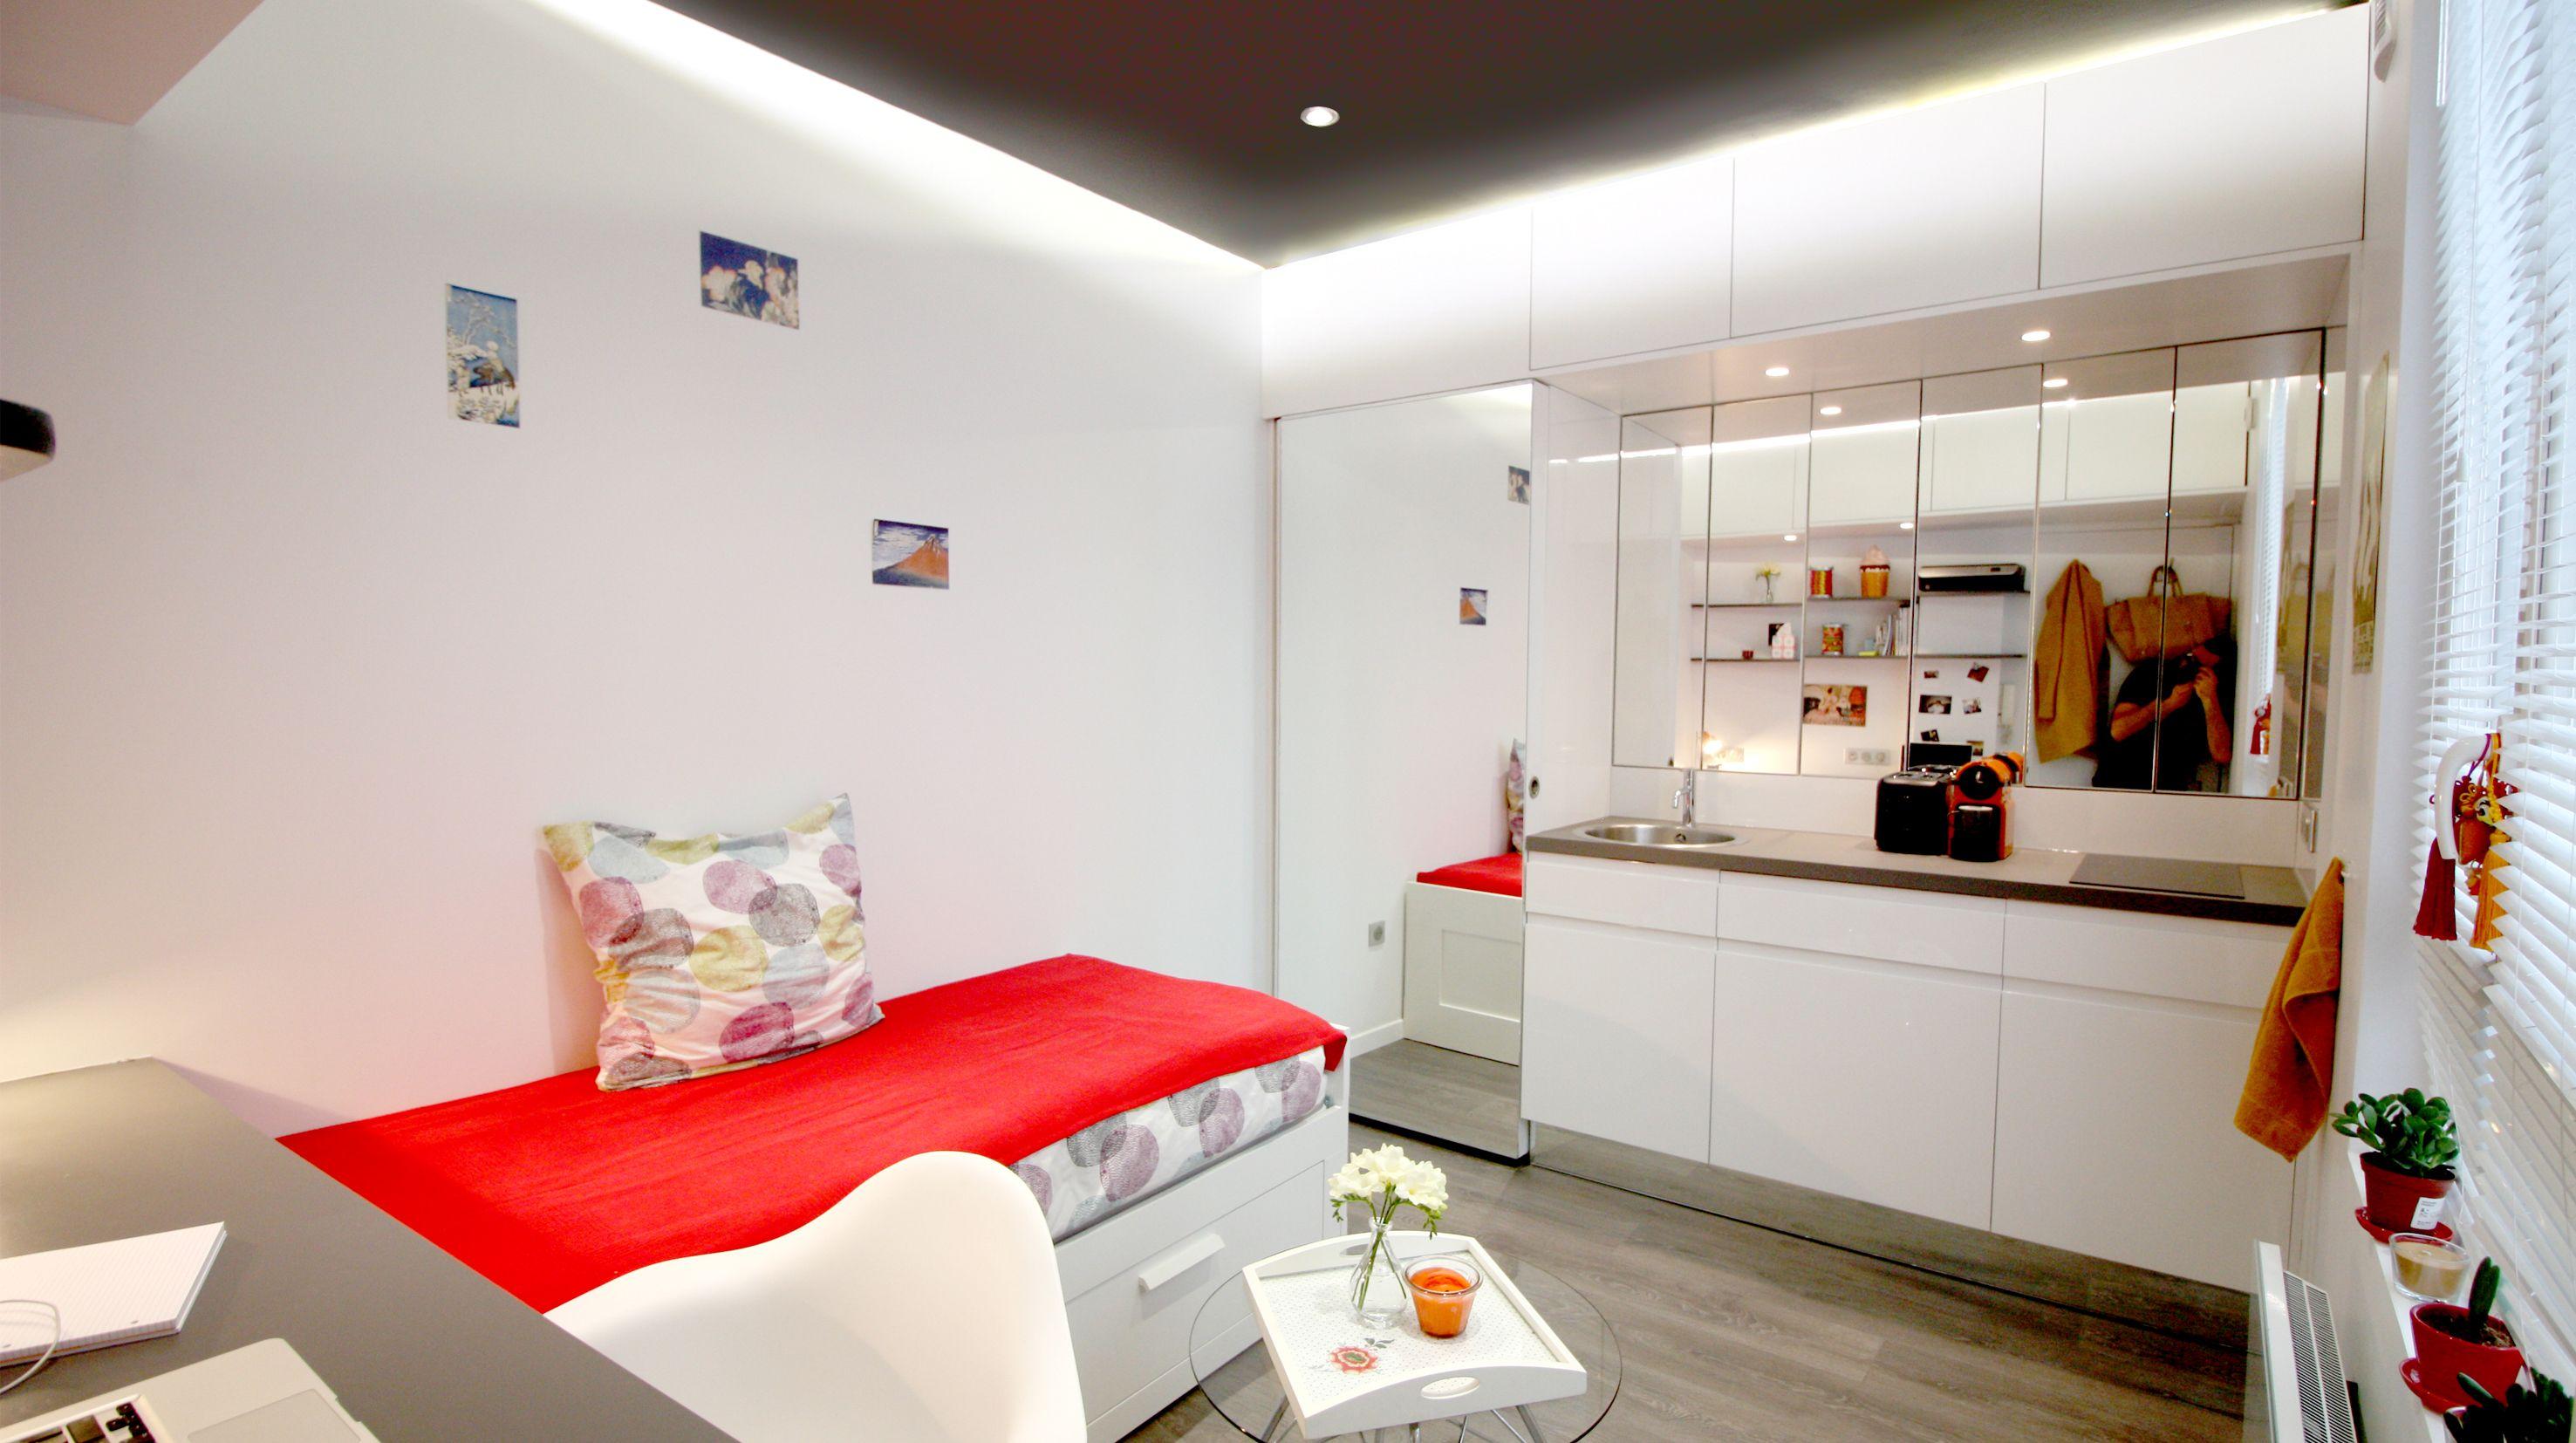 Architecte D Intérieur Lille studio 9m² ] | boddaert architecte d'interieur lille